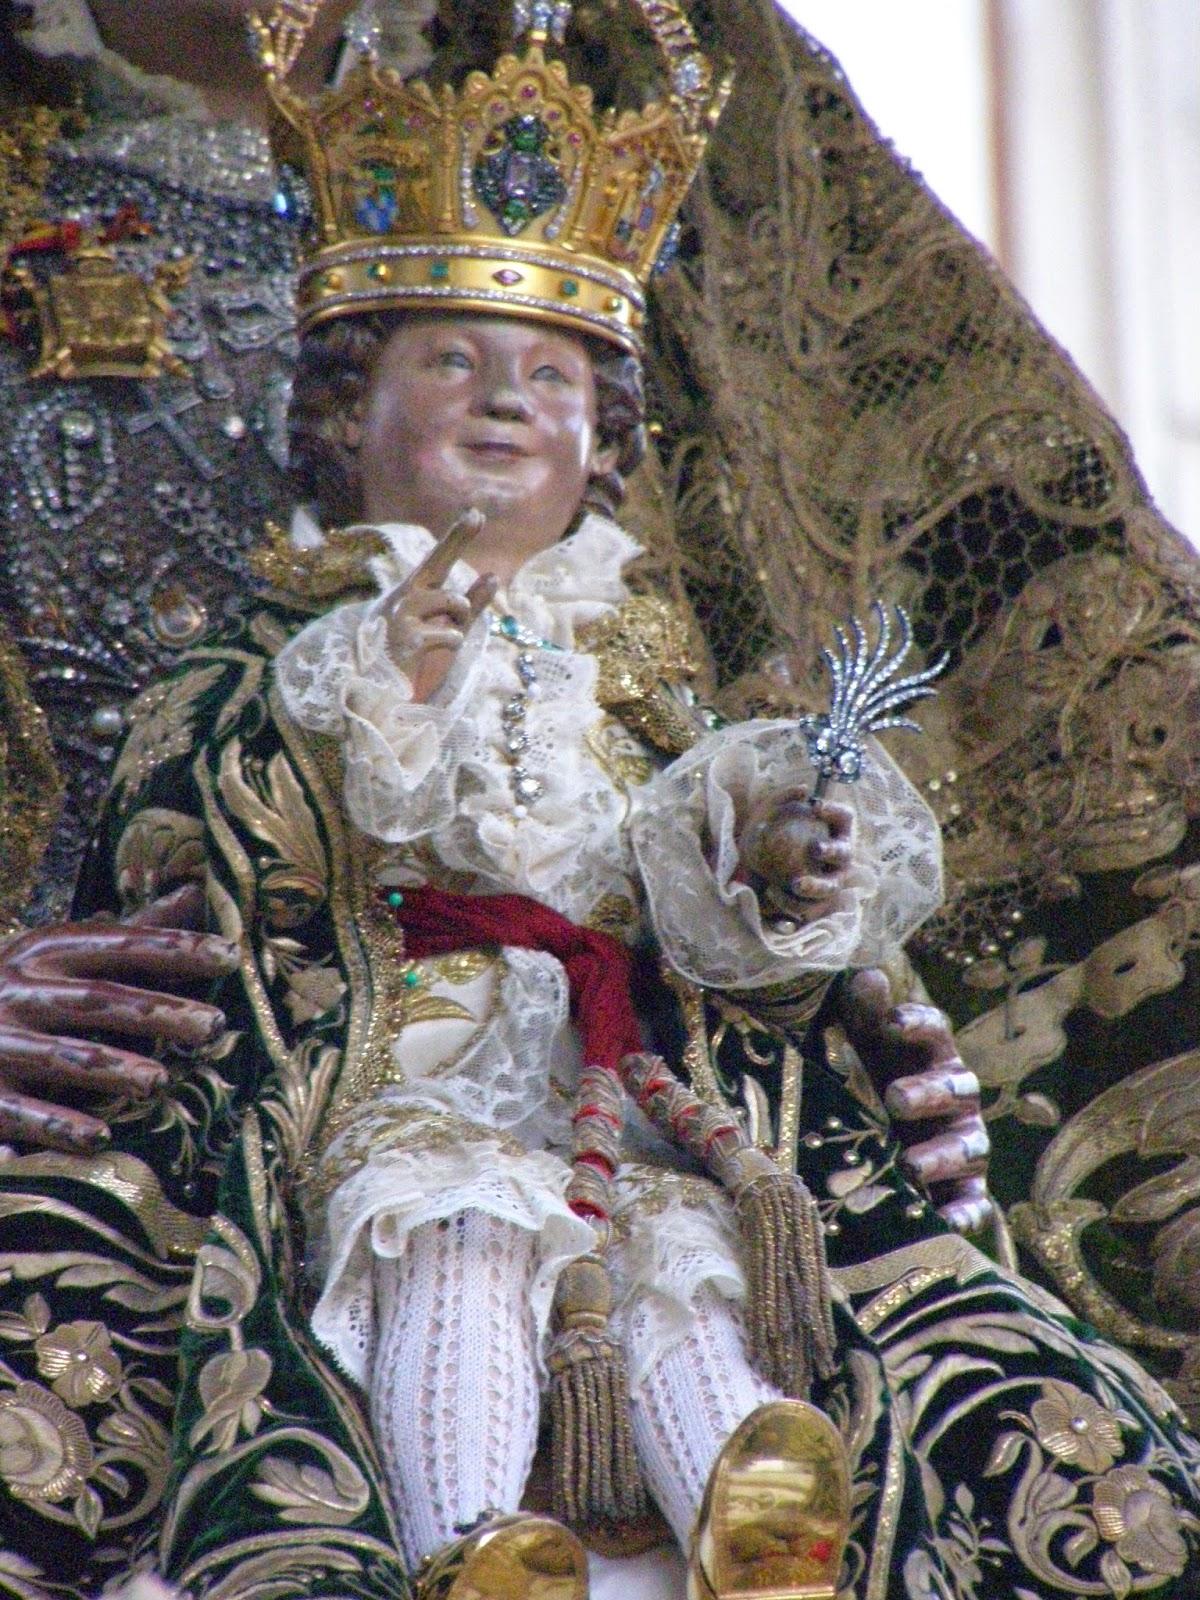 Procesi n de la virgen de los reyes patrona de sevilla for Mudanzas virgen de los reyes